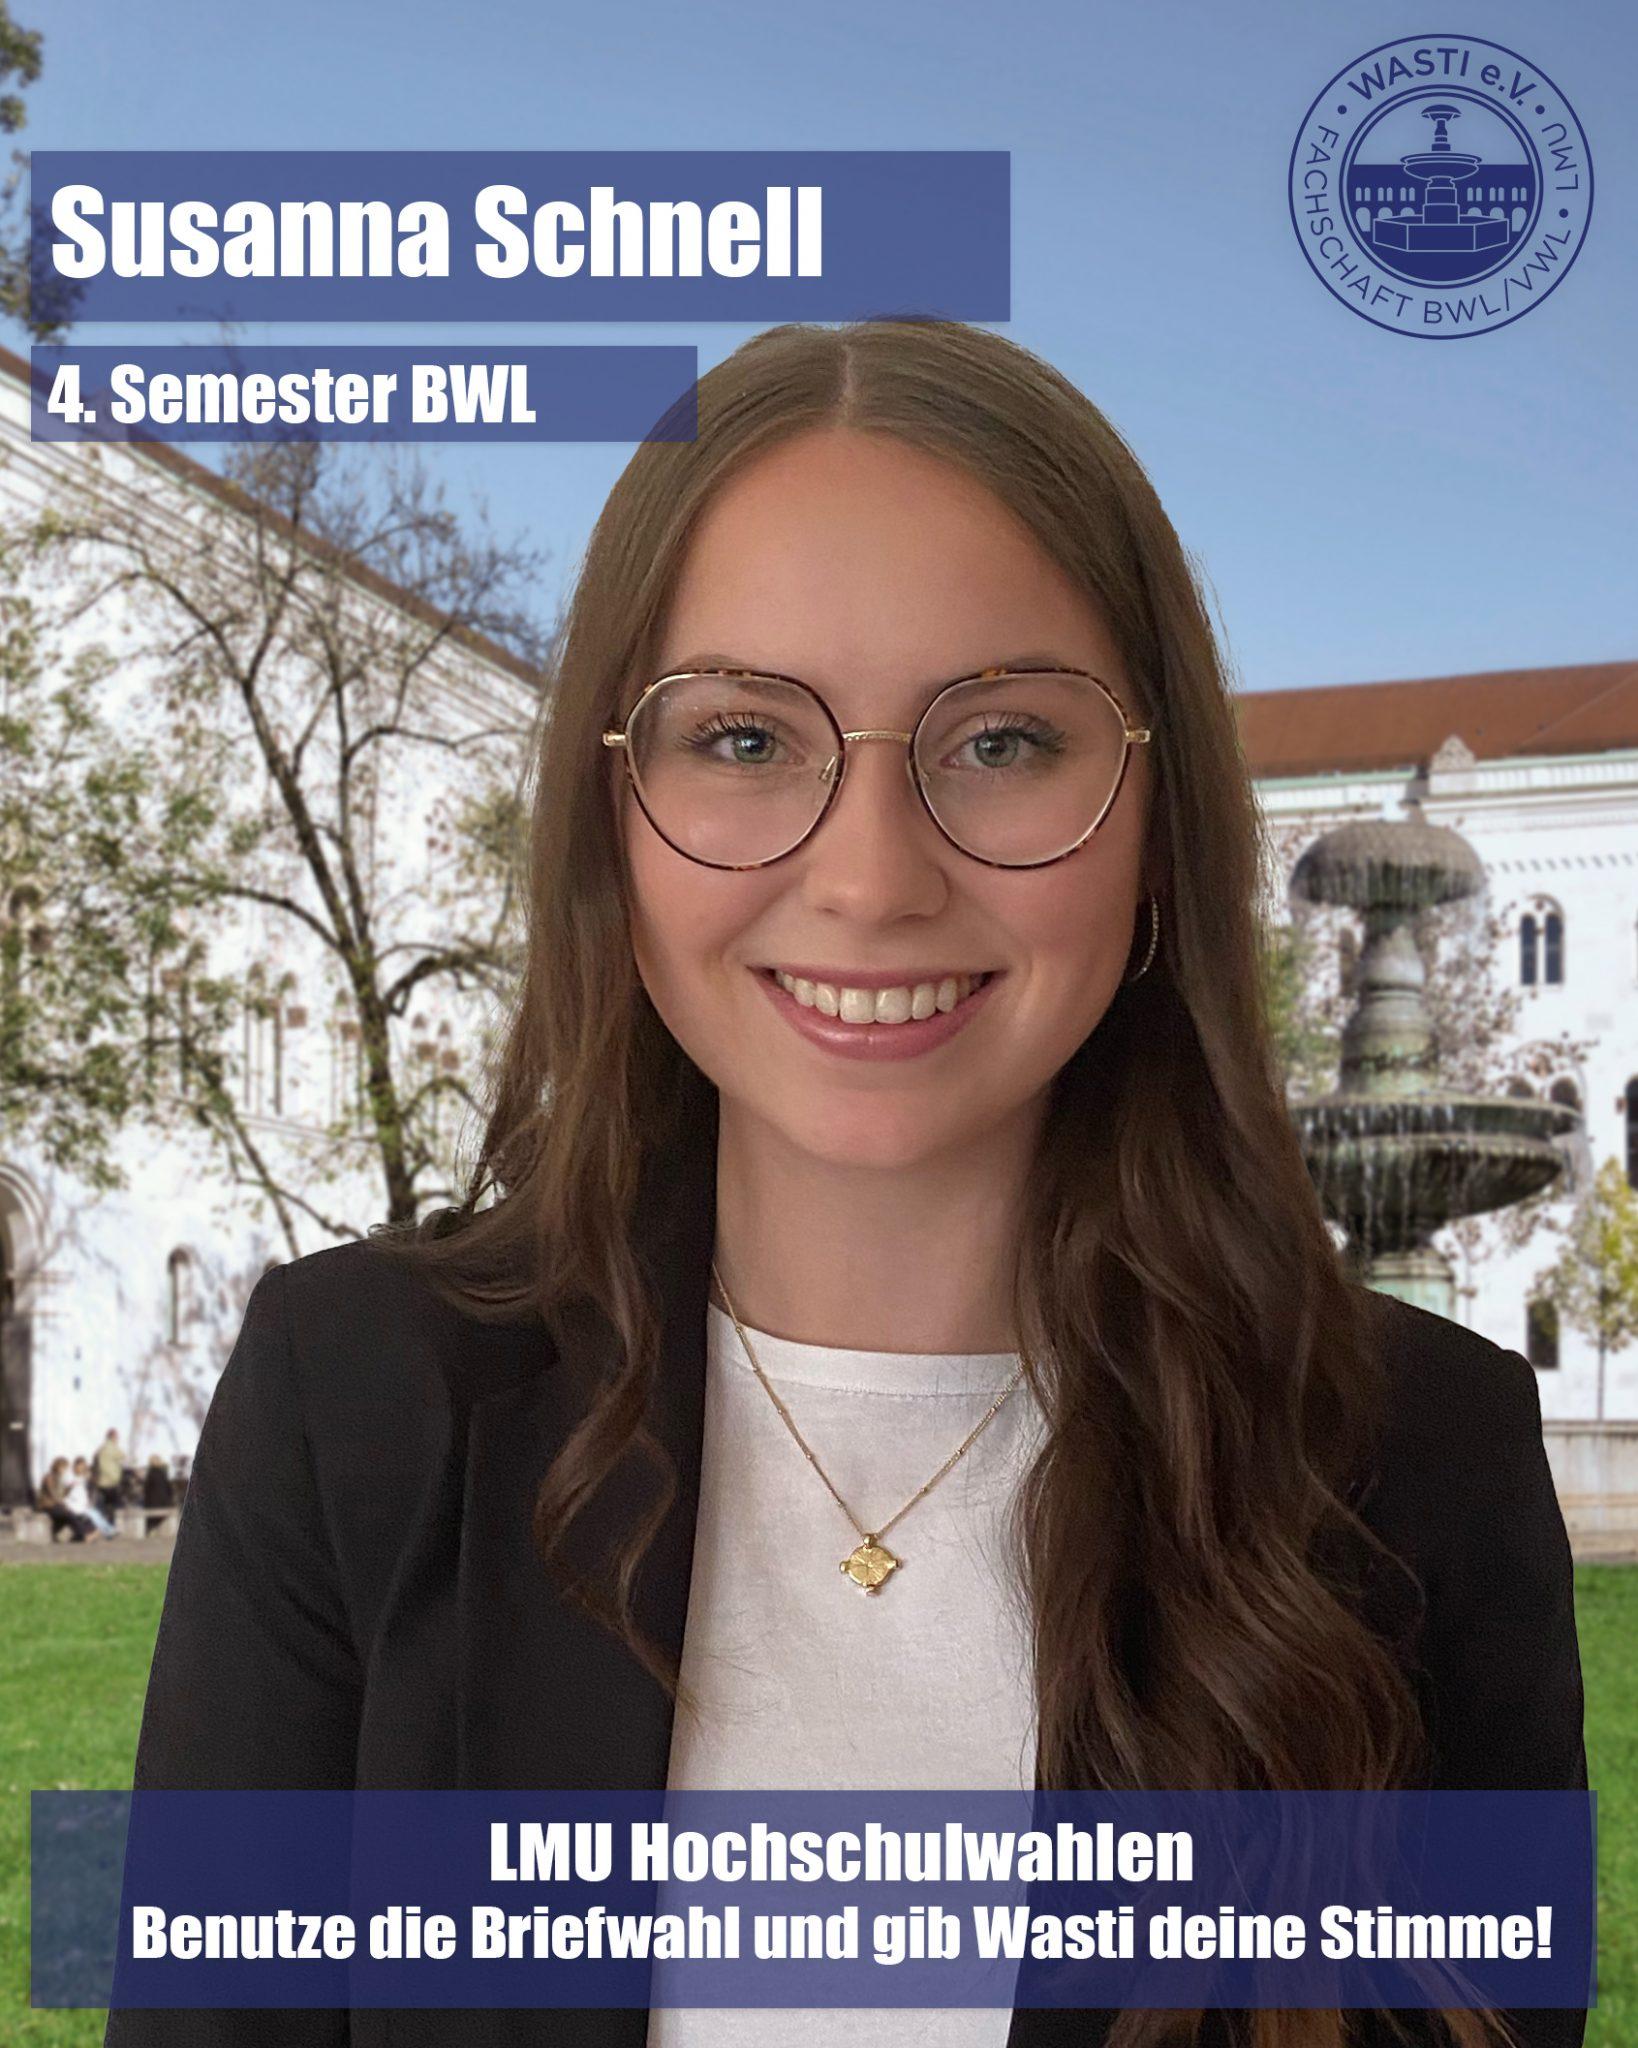 Hochschulwahlen 9